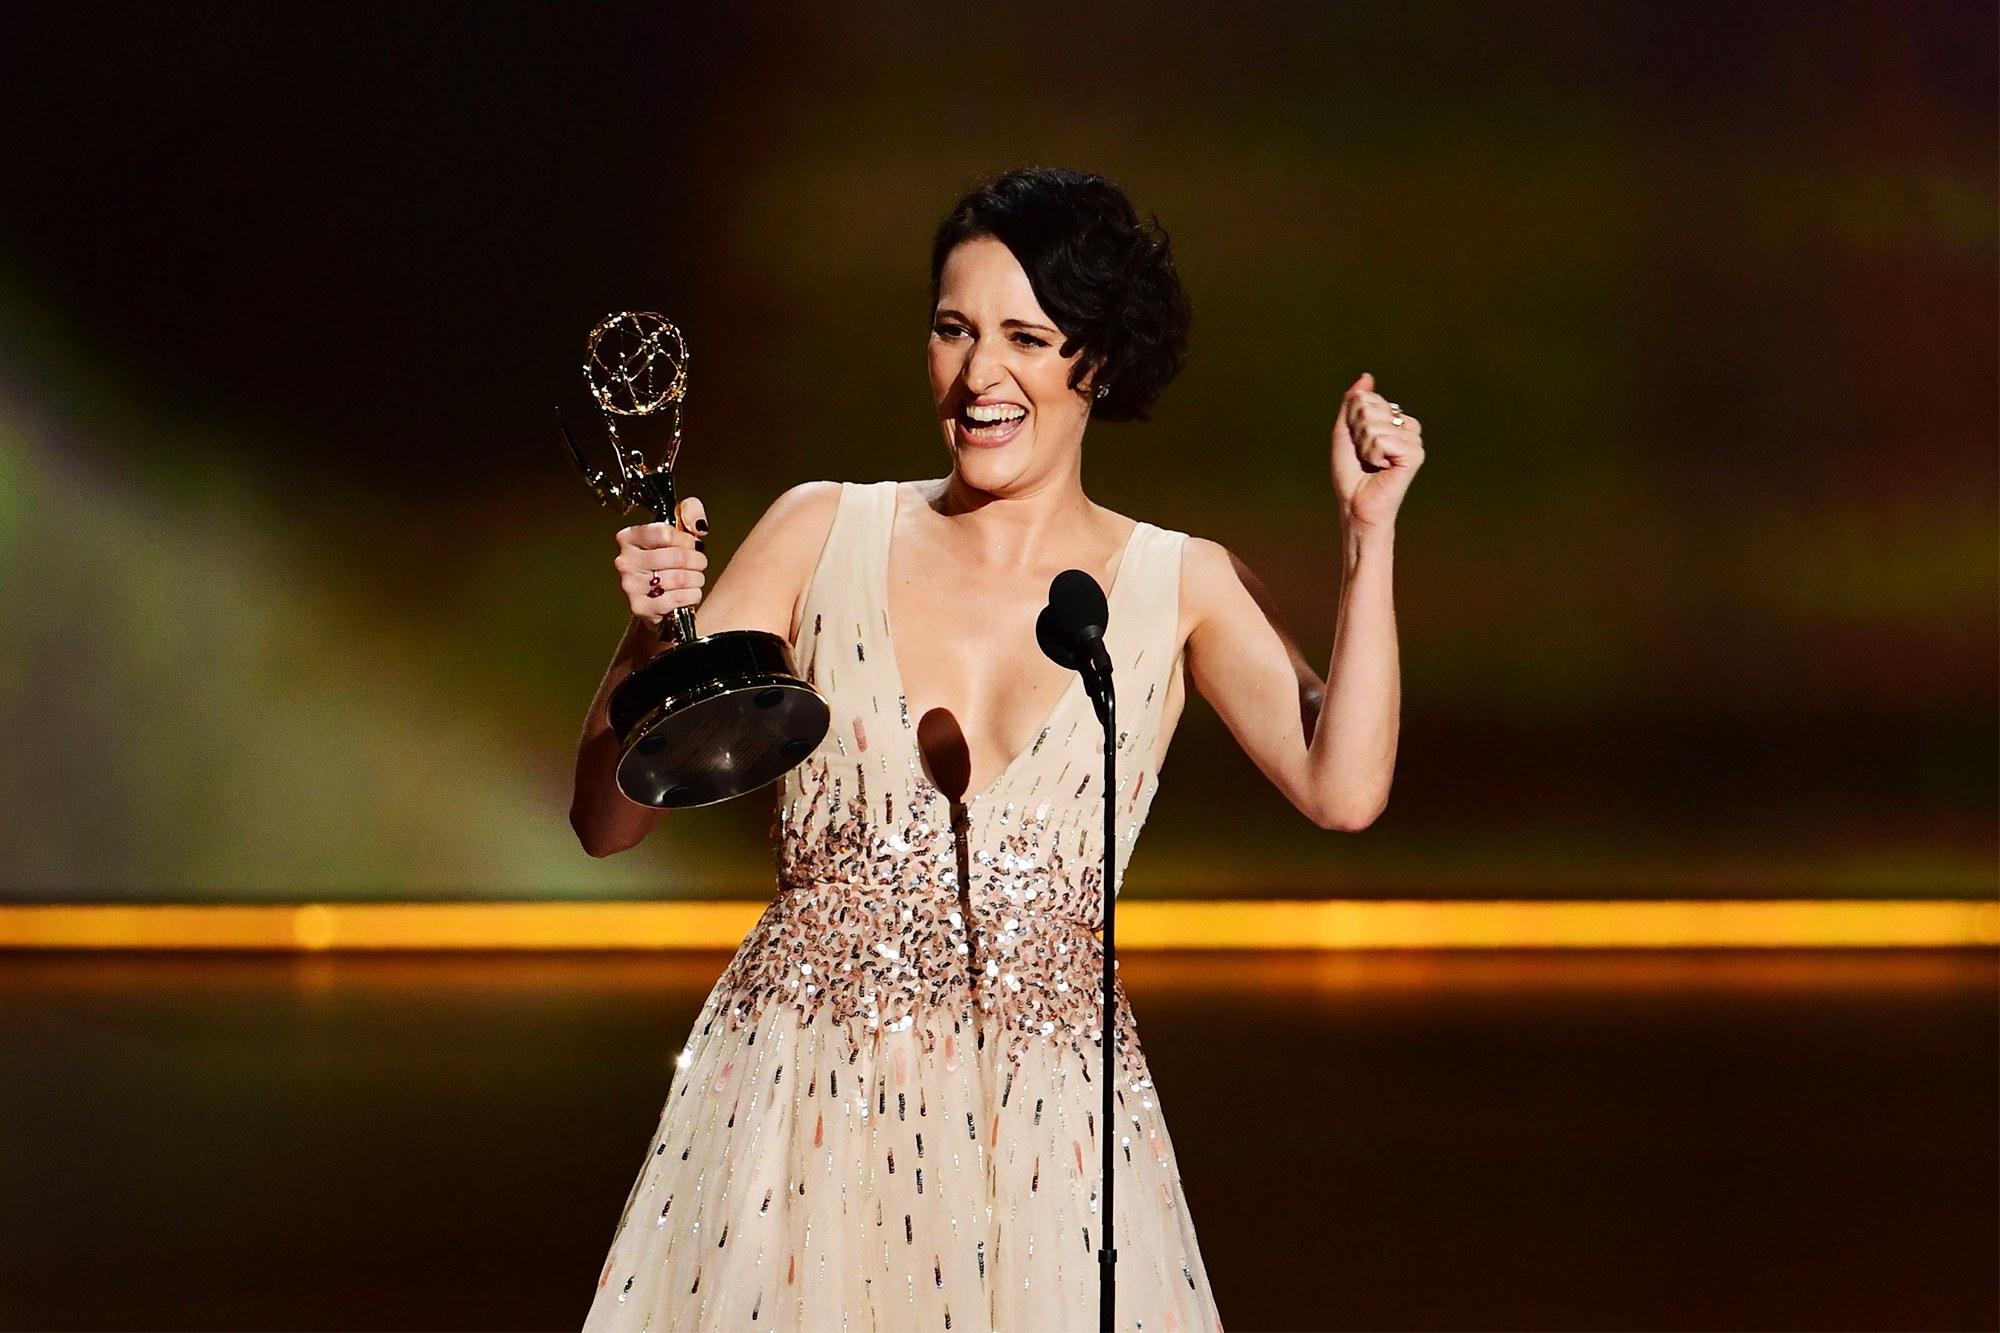 nữ diễn viên sáng giá nhận giải thưởng - lễ trao giải - 2019 - elle man